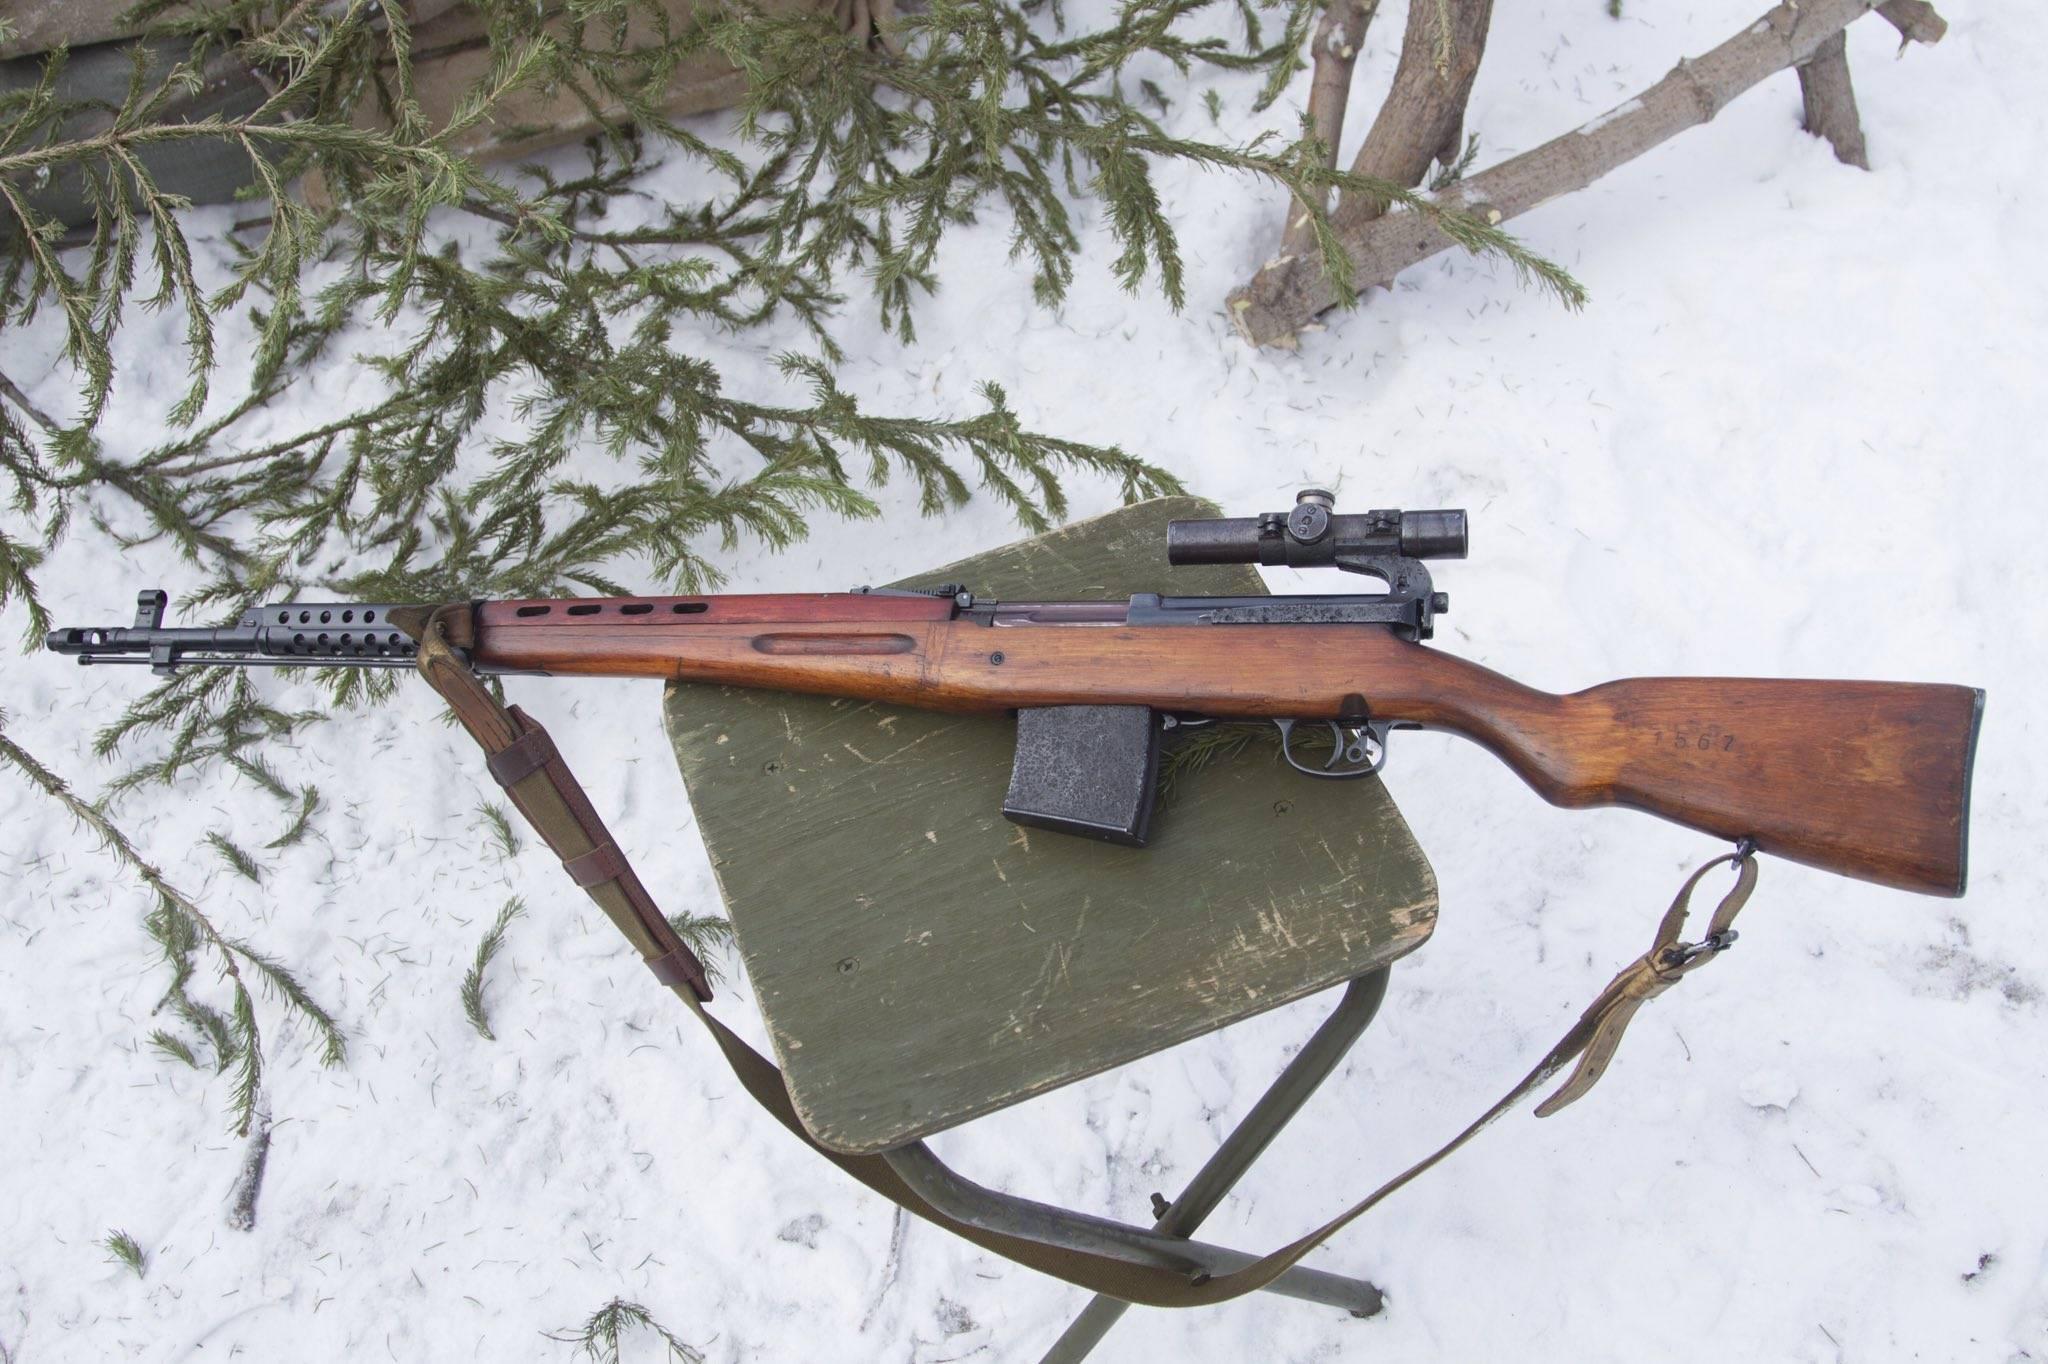 Охолощенное оружие: самозарядная винтовка Токарева СВТ-СХ